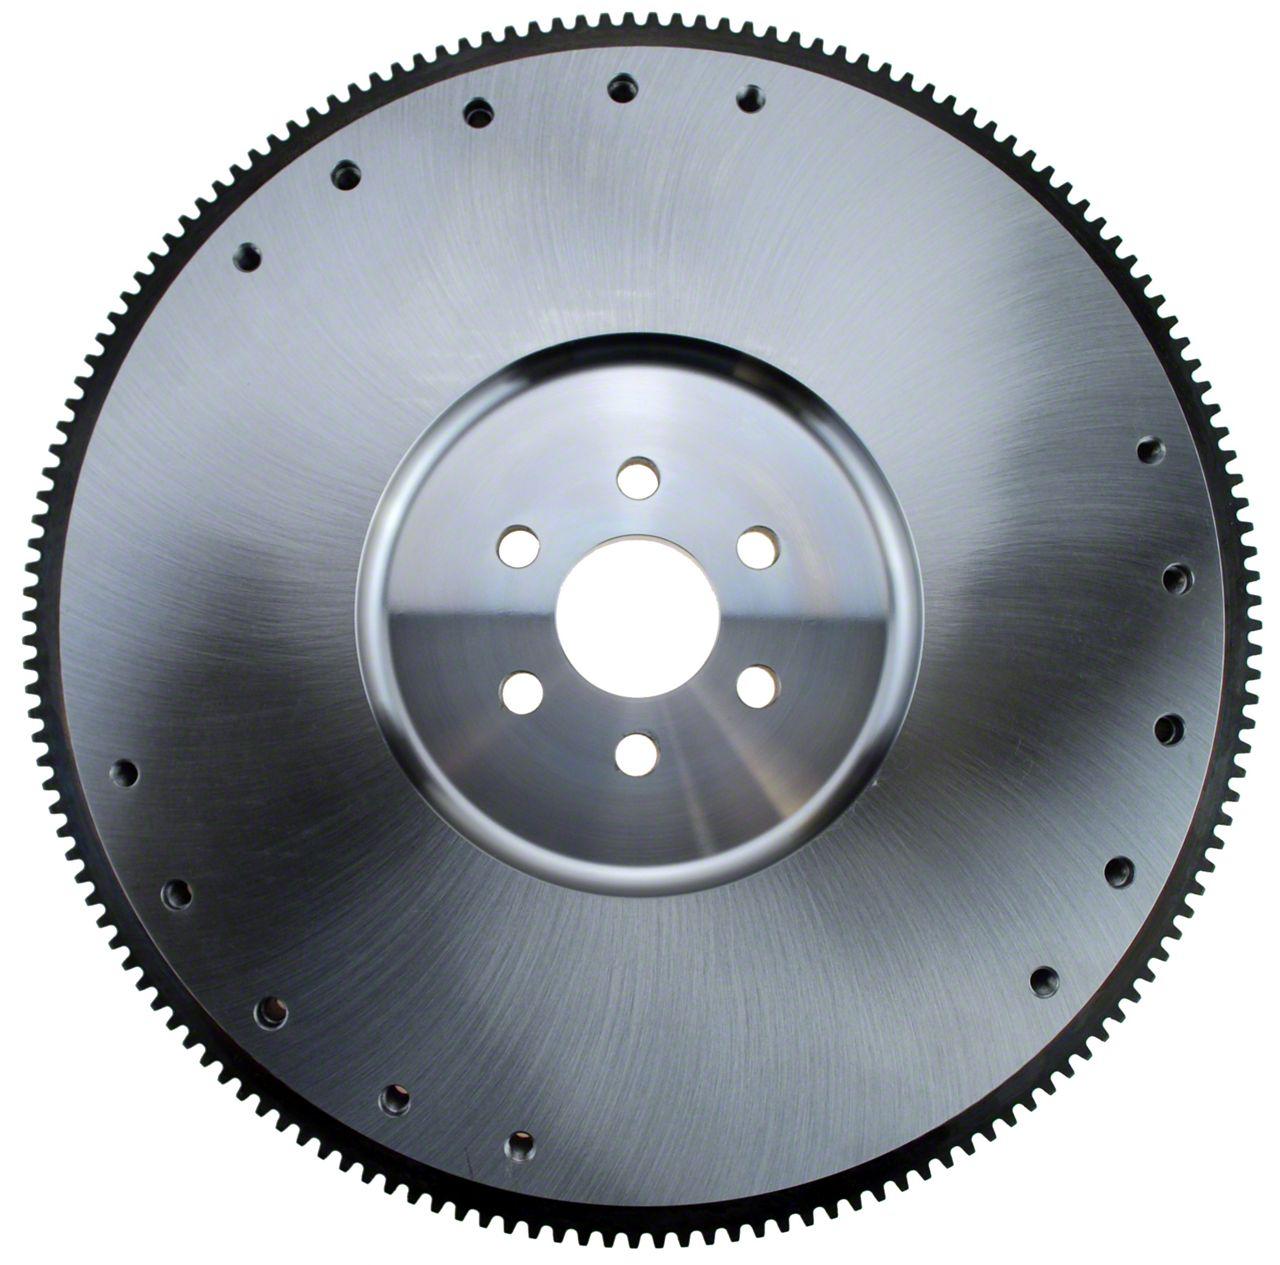 RAM Billet Steel Flywheel - 6 Bolt 50oz (86-95 5.0L)